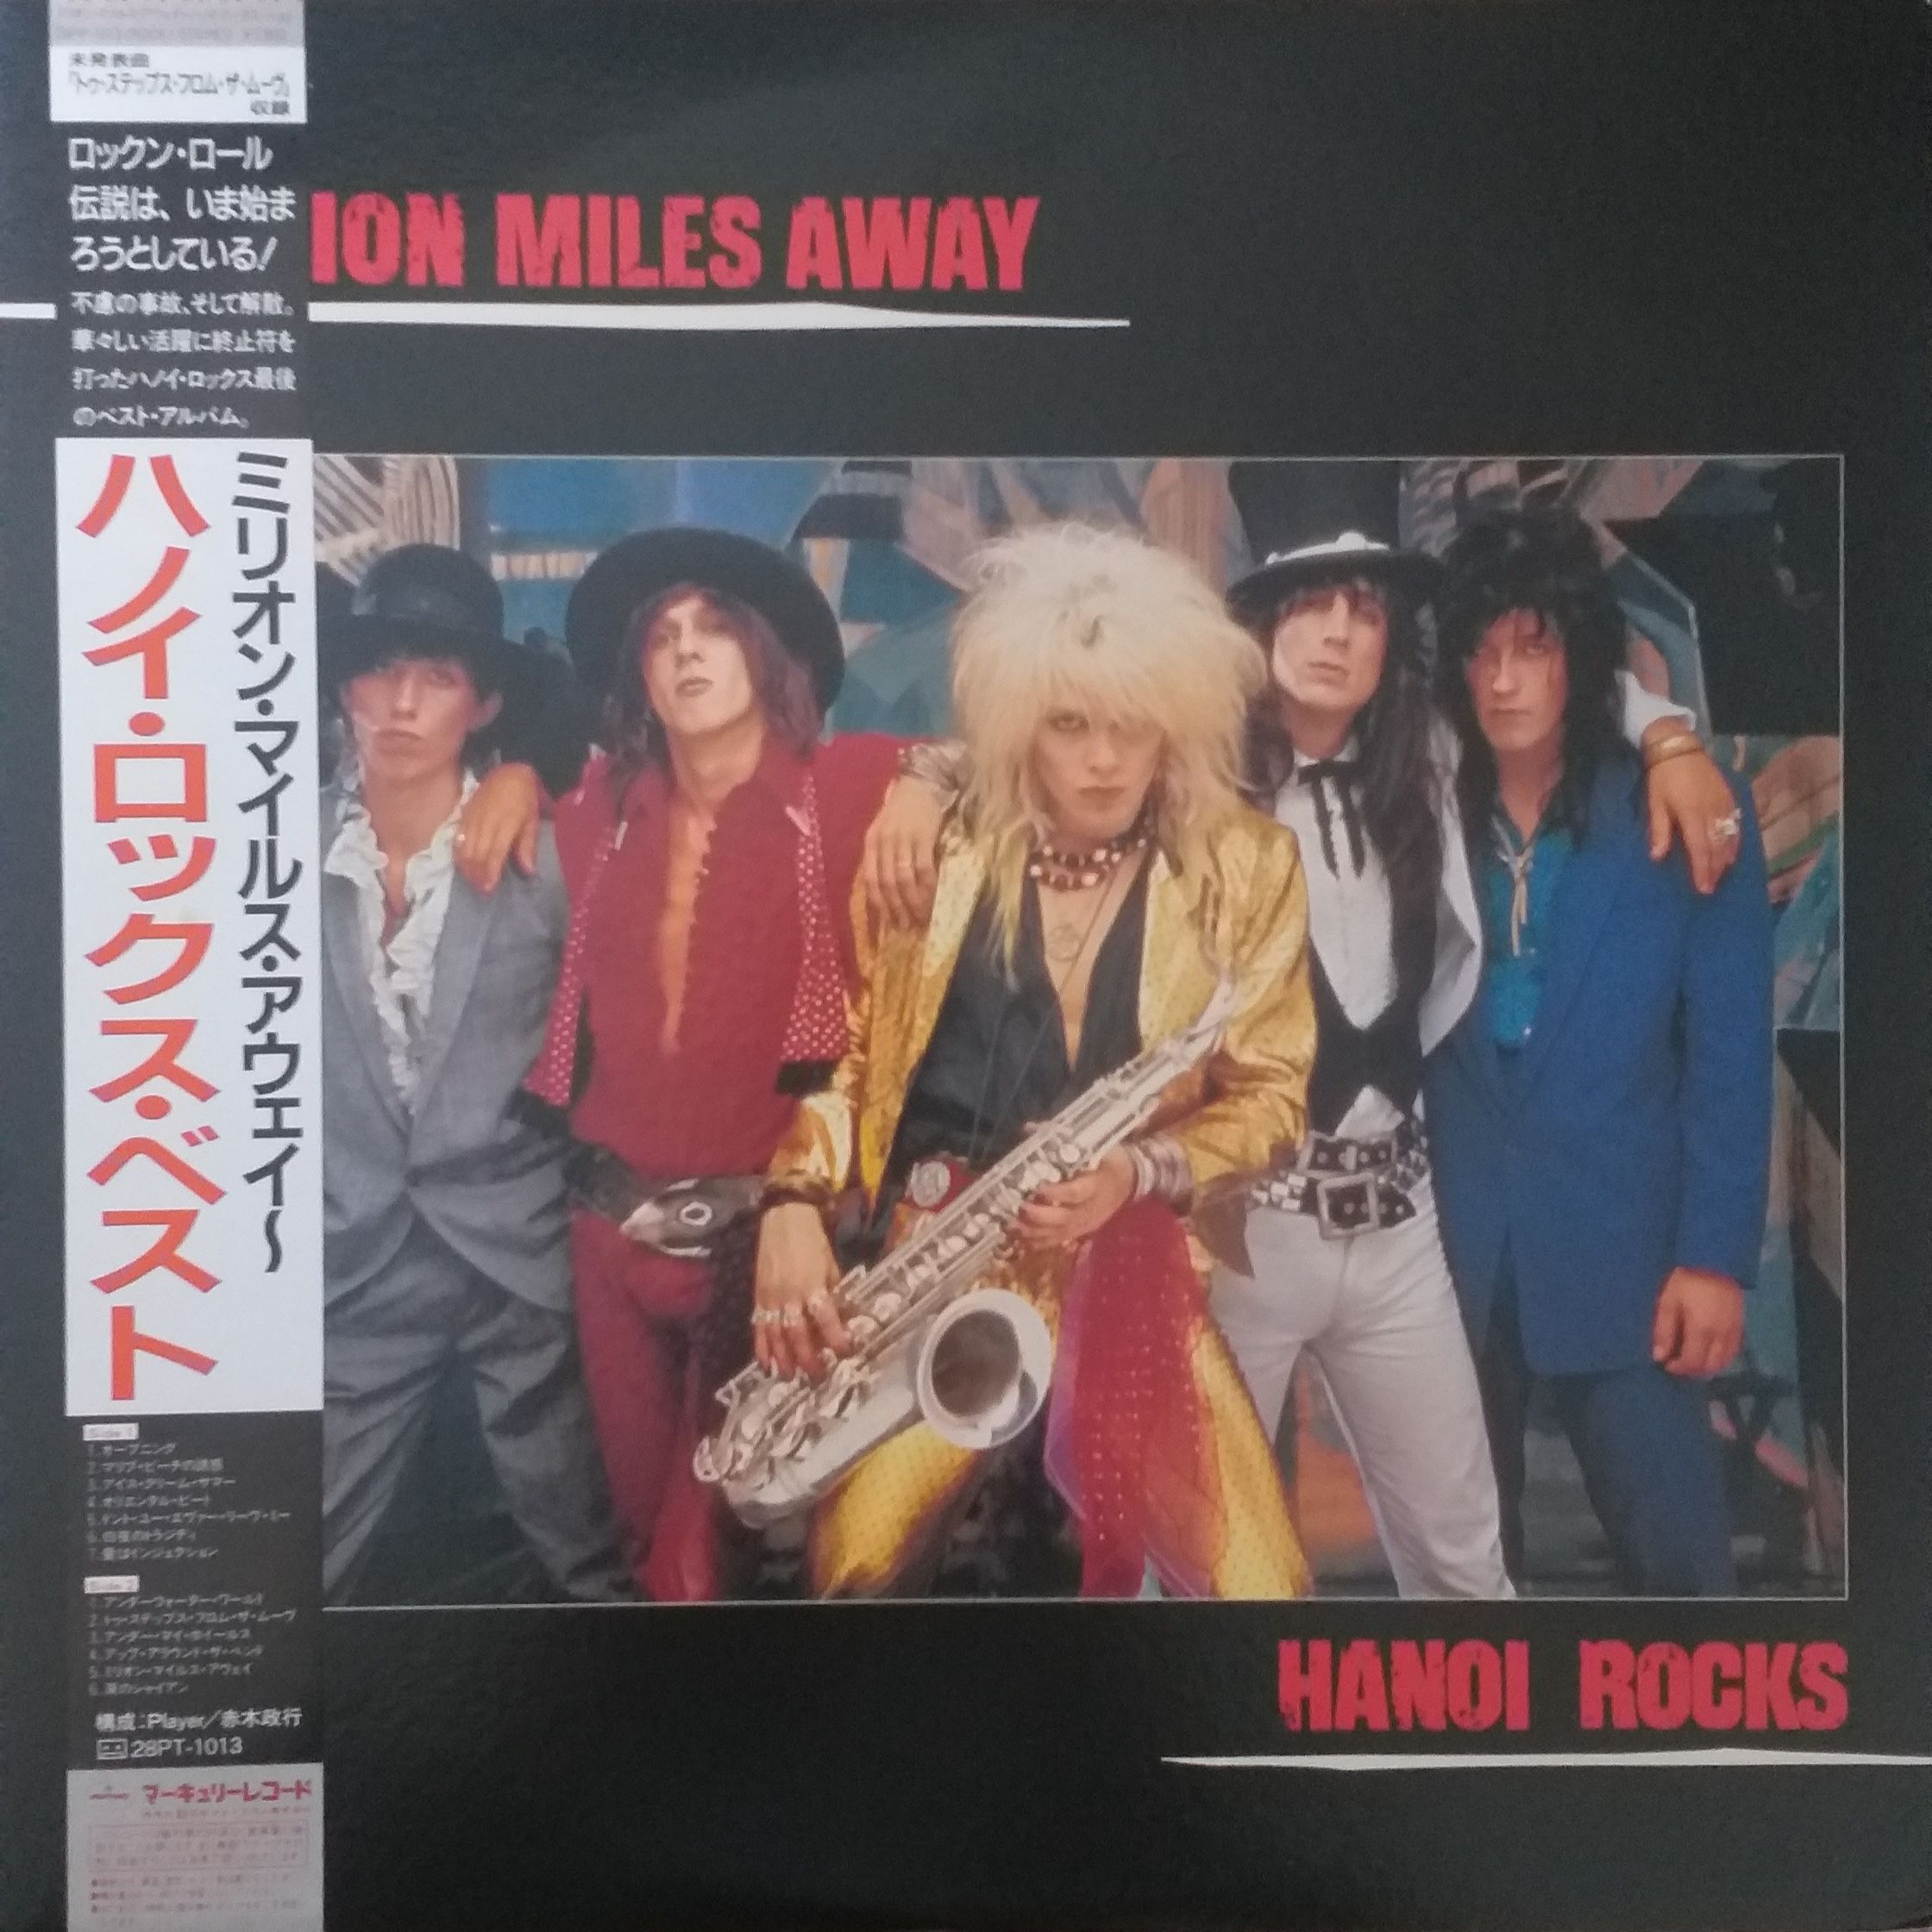 Hanoi rocks Million miles away LP undefined